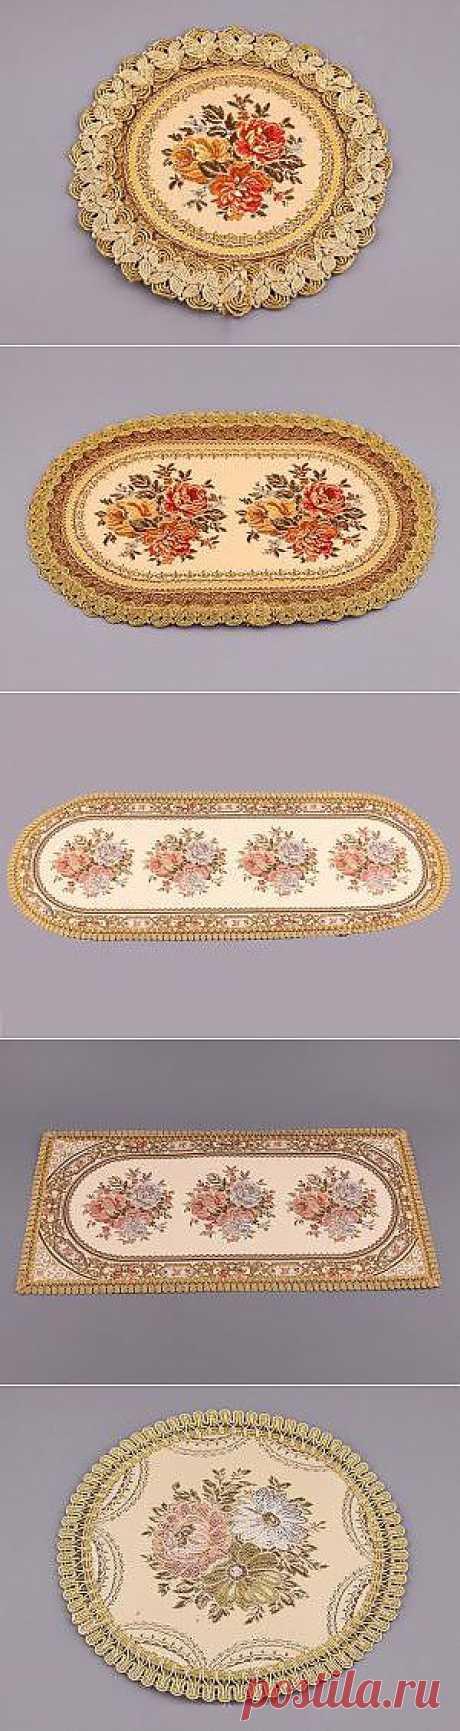 Мягкая аристократия: салфетки в стиле ретро, от 17 грн / Акции